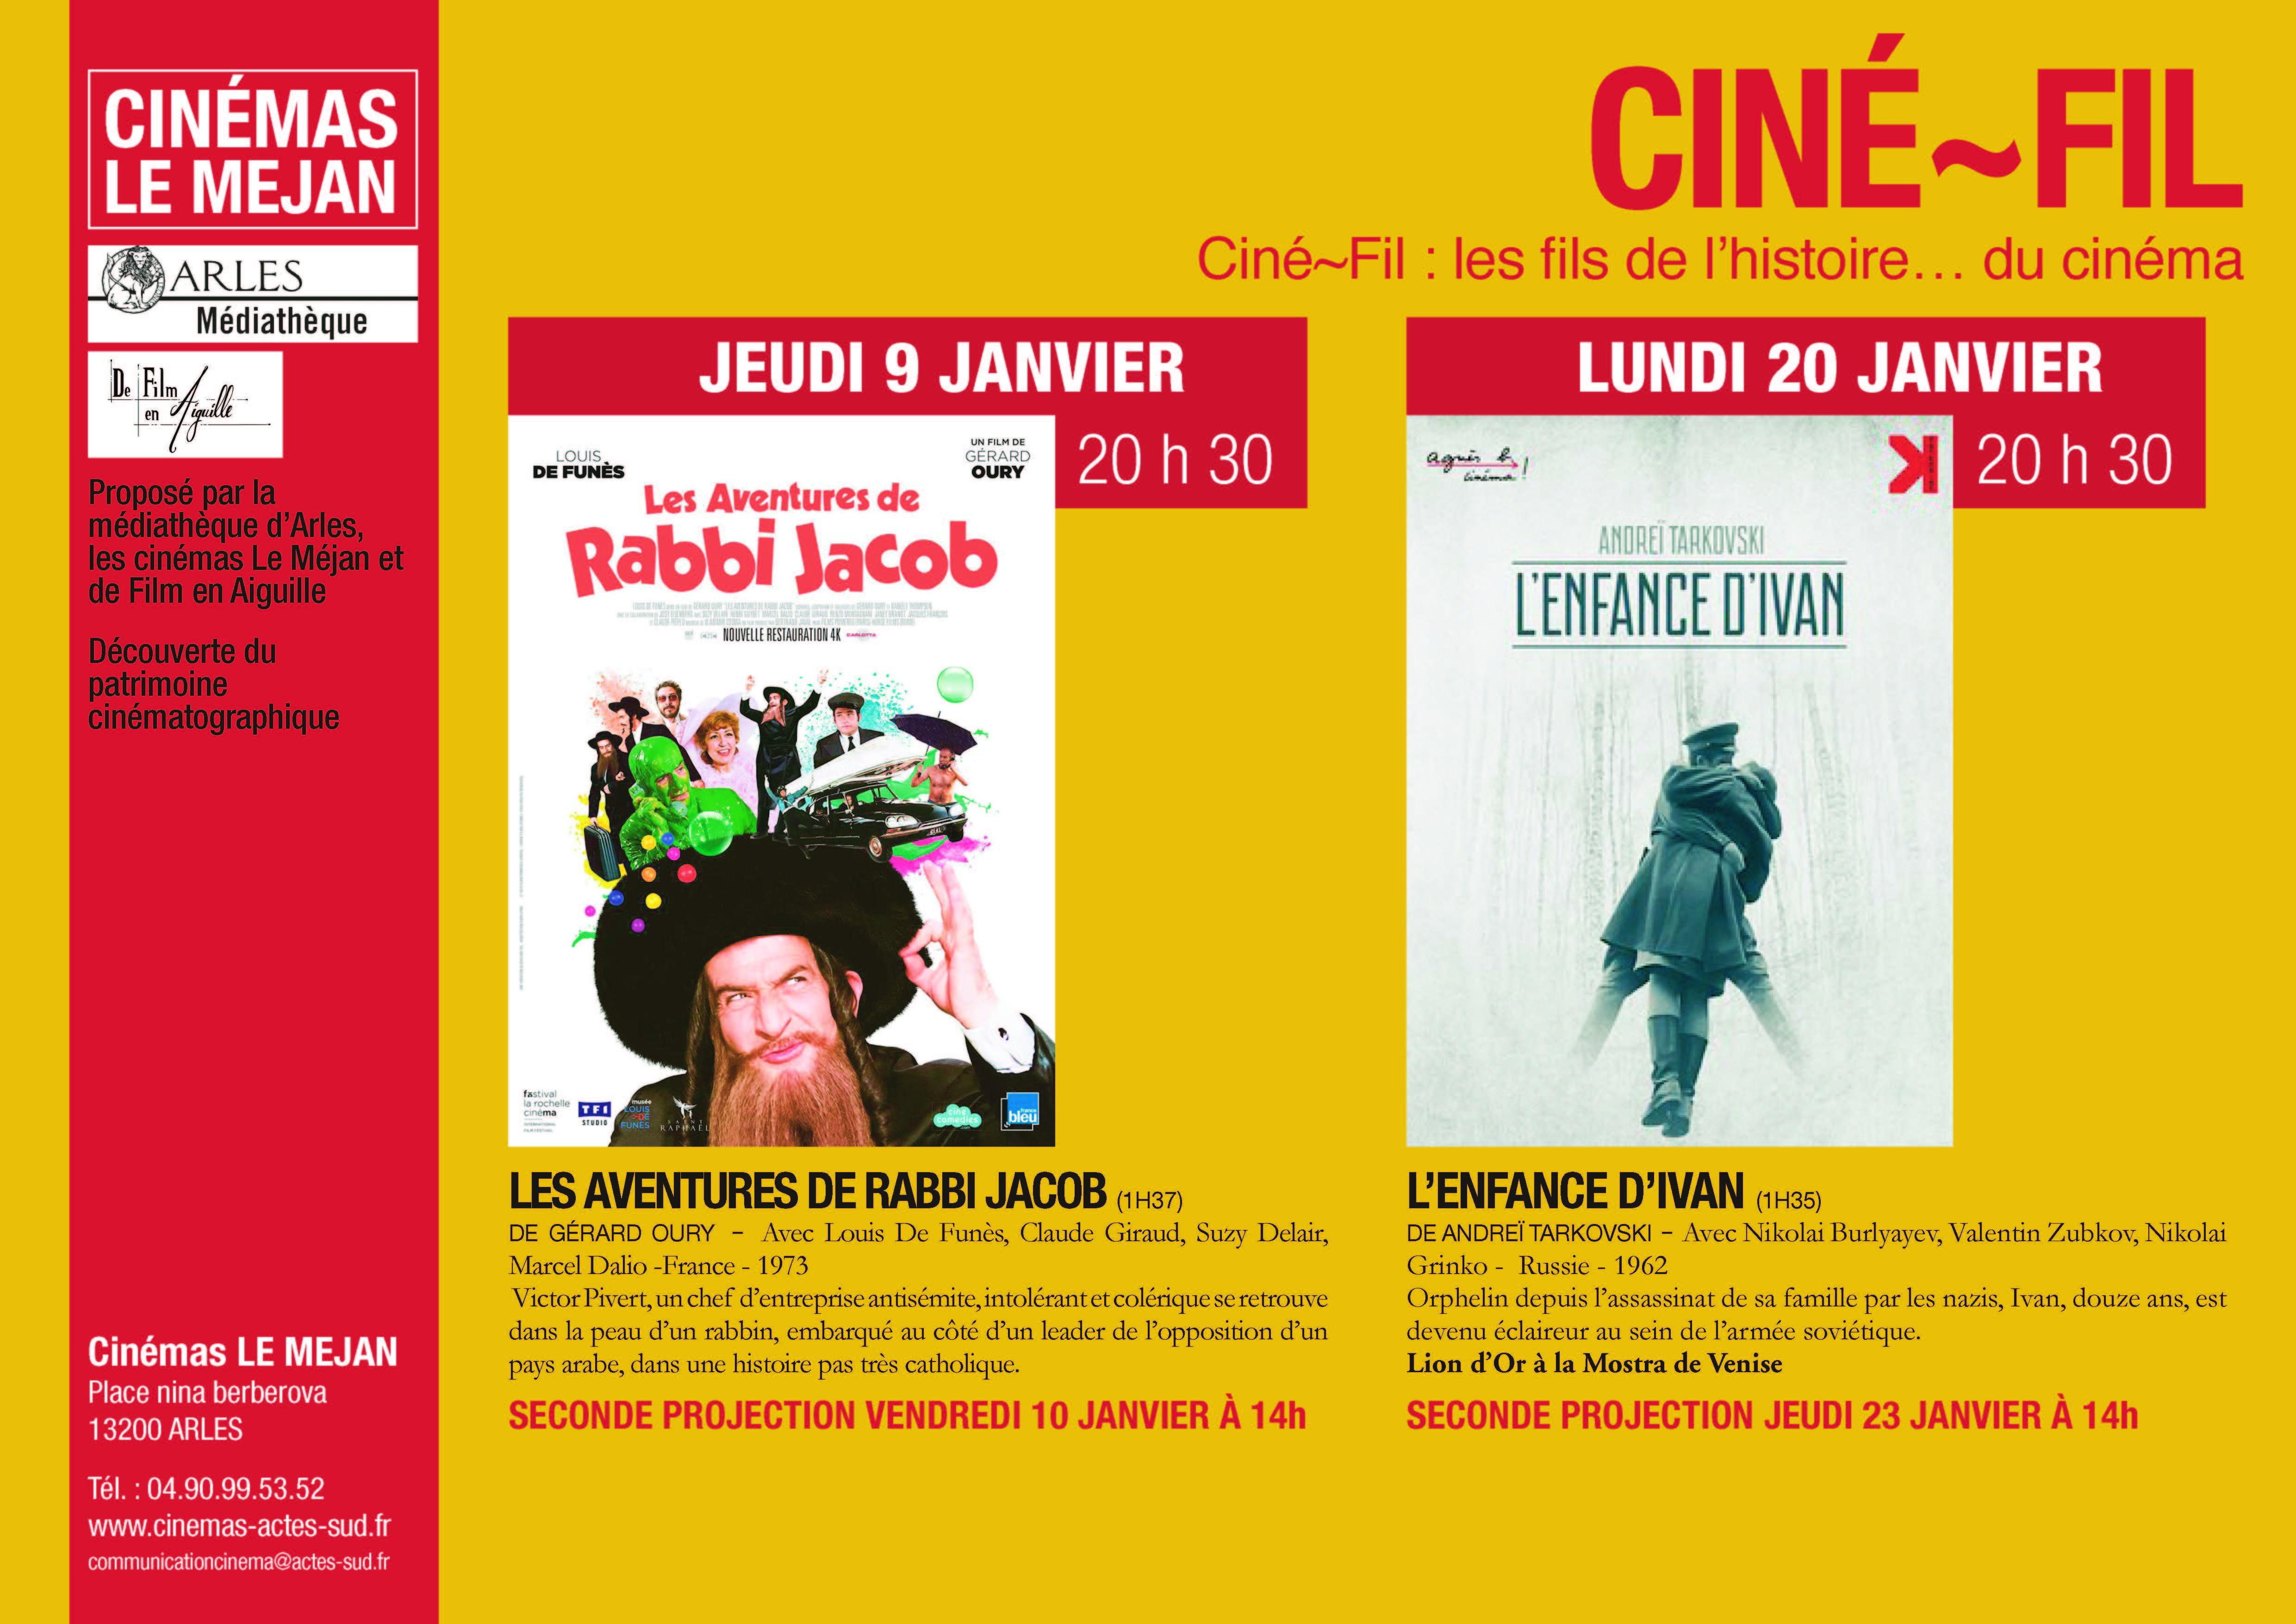 Cette séance est organisée dans le cadre de Ciné-Fil, en partenariat avec la médiathèque d'Arles et l'association De Film En Aiguille.